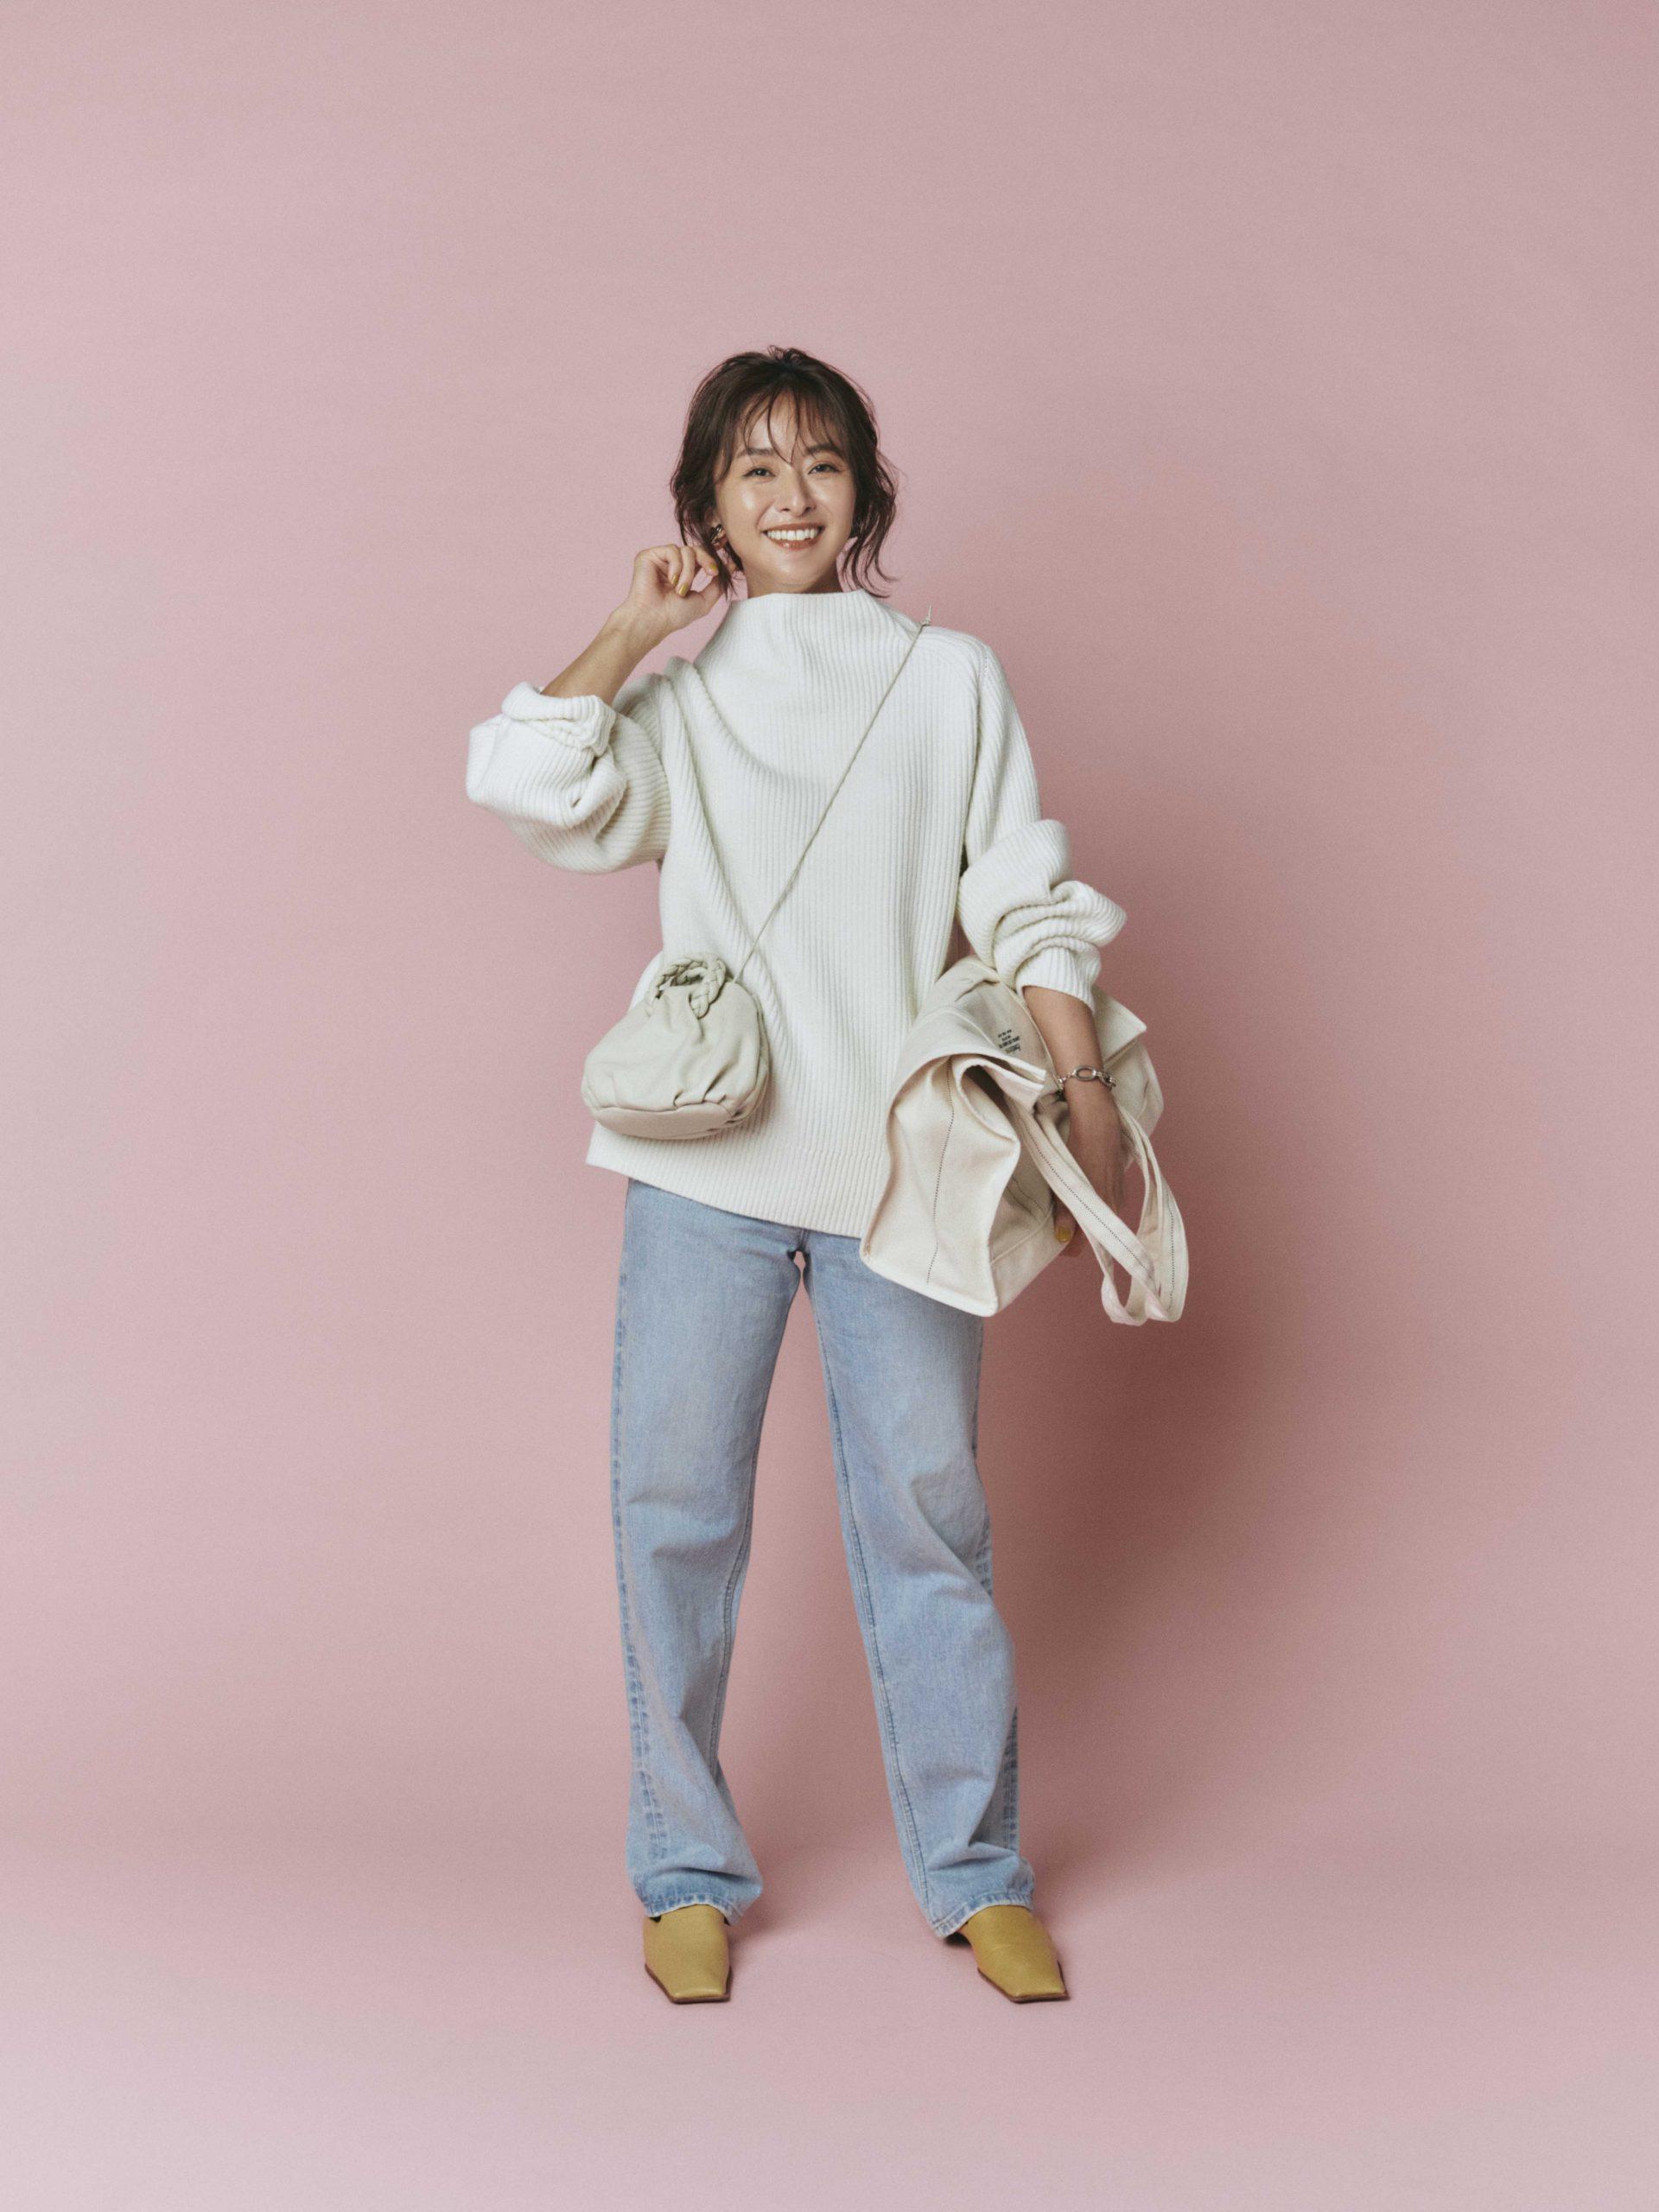 30代ファッションのお手本コーデ。モデルのクリス=ウェブ 佳子さん。ニットとデニムのシンプルきれいめコーデ。